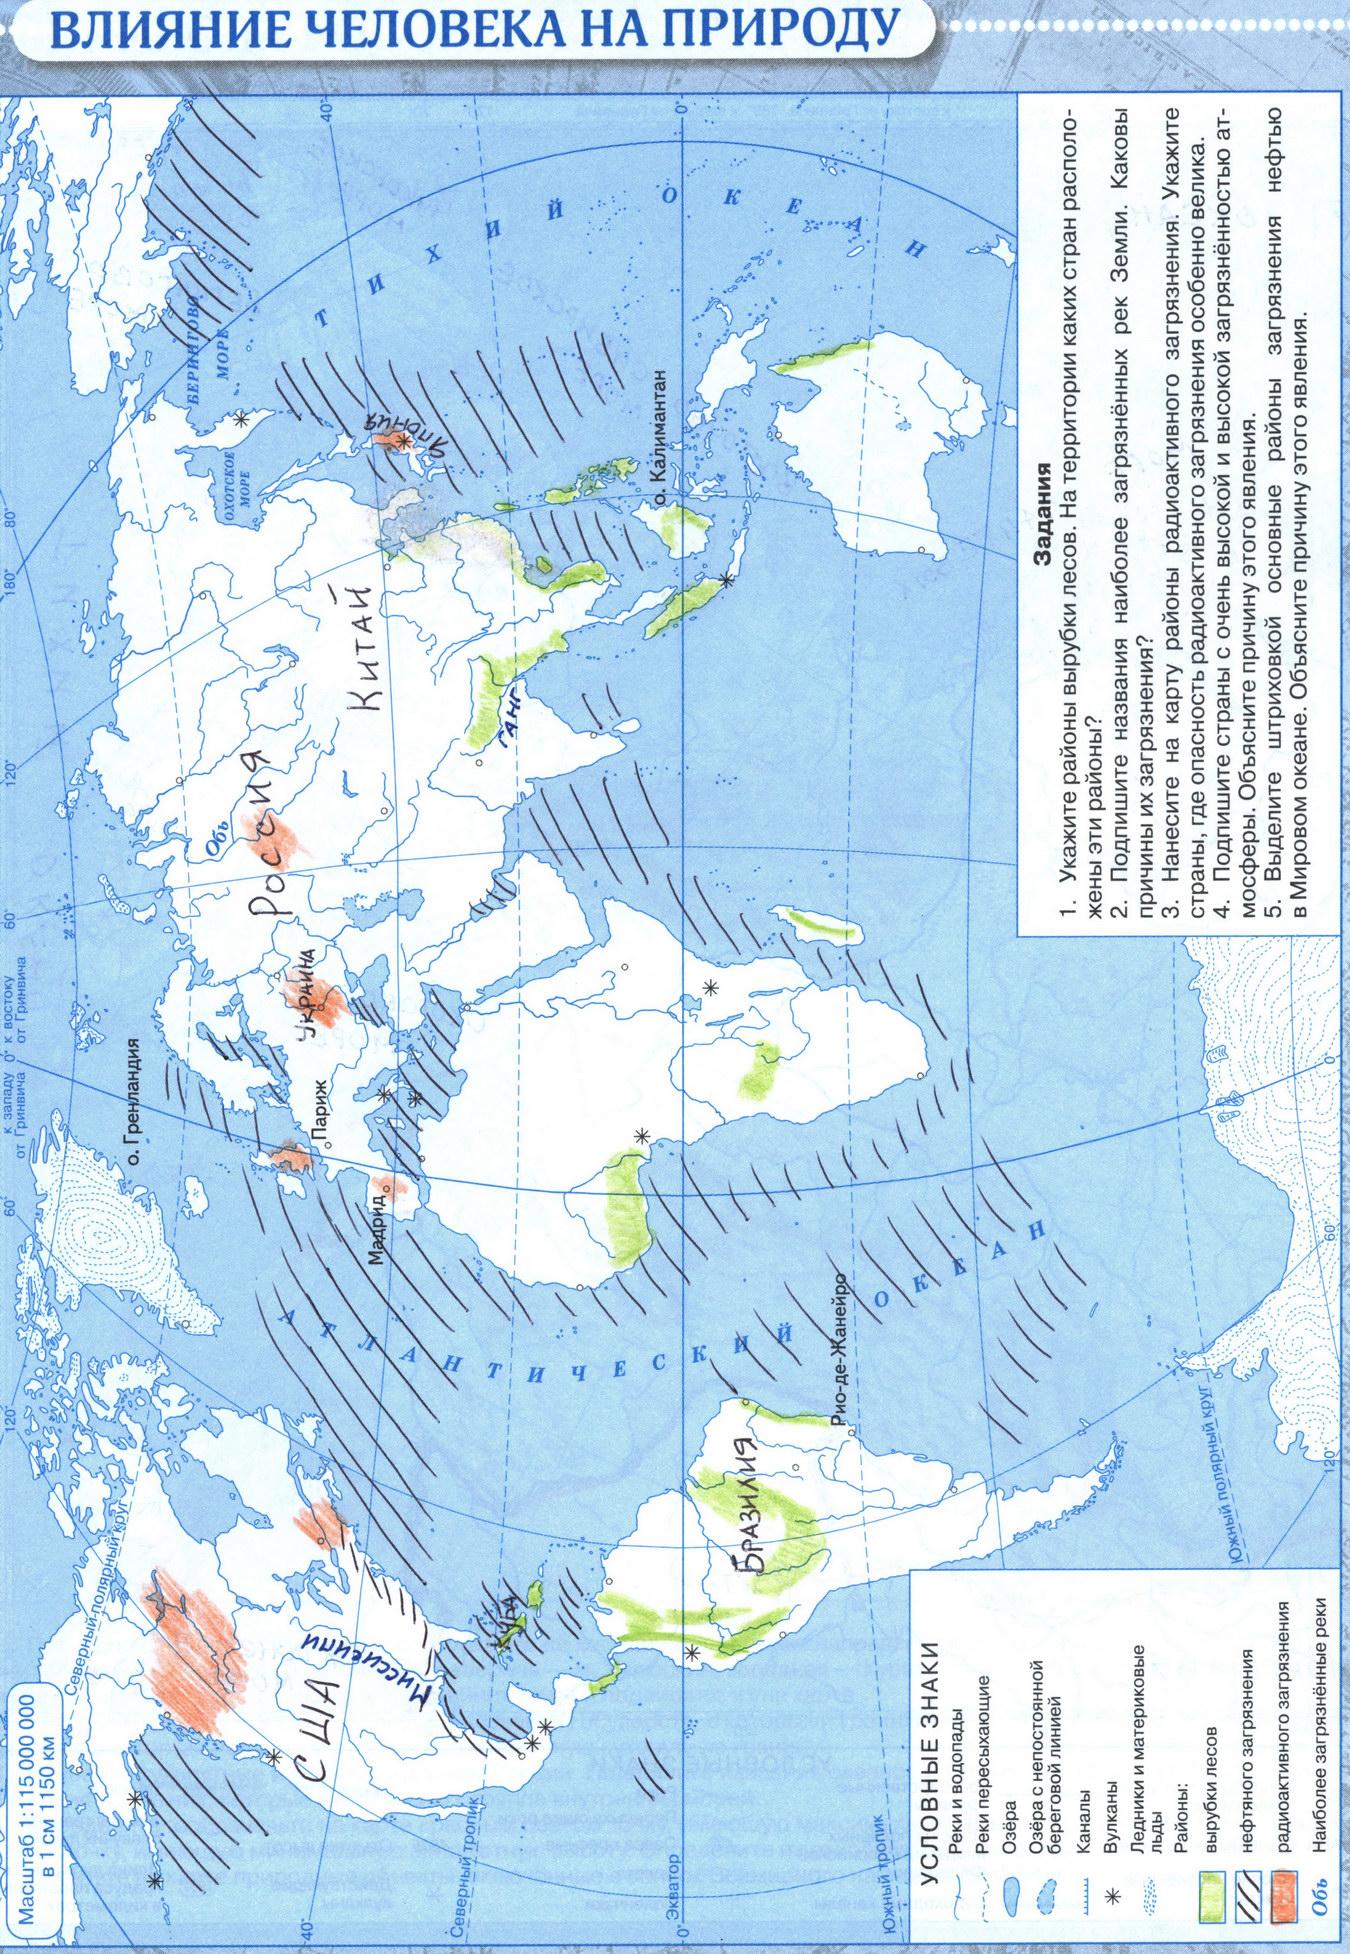 Подпишите названия наиболее известных вулканов гдз по географии 6 класс